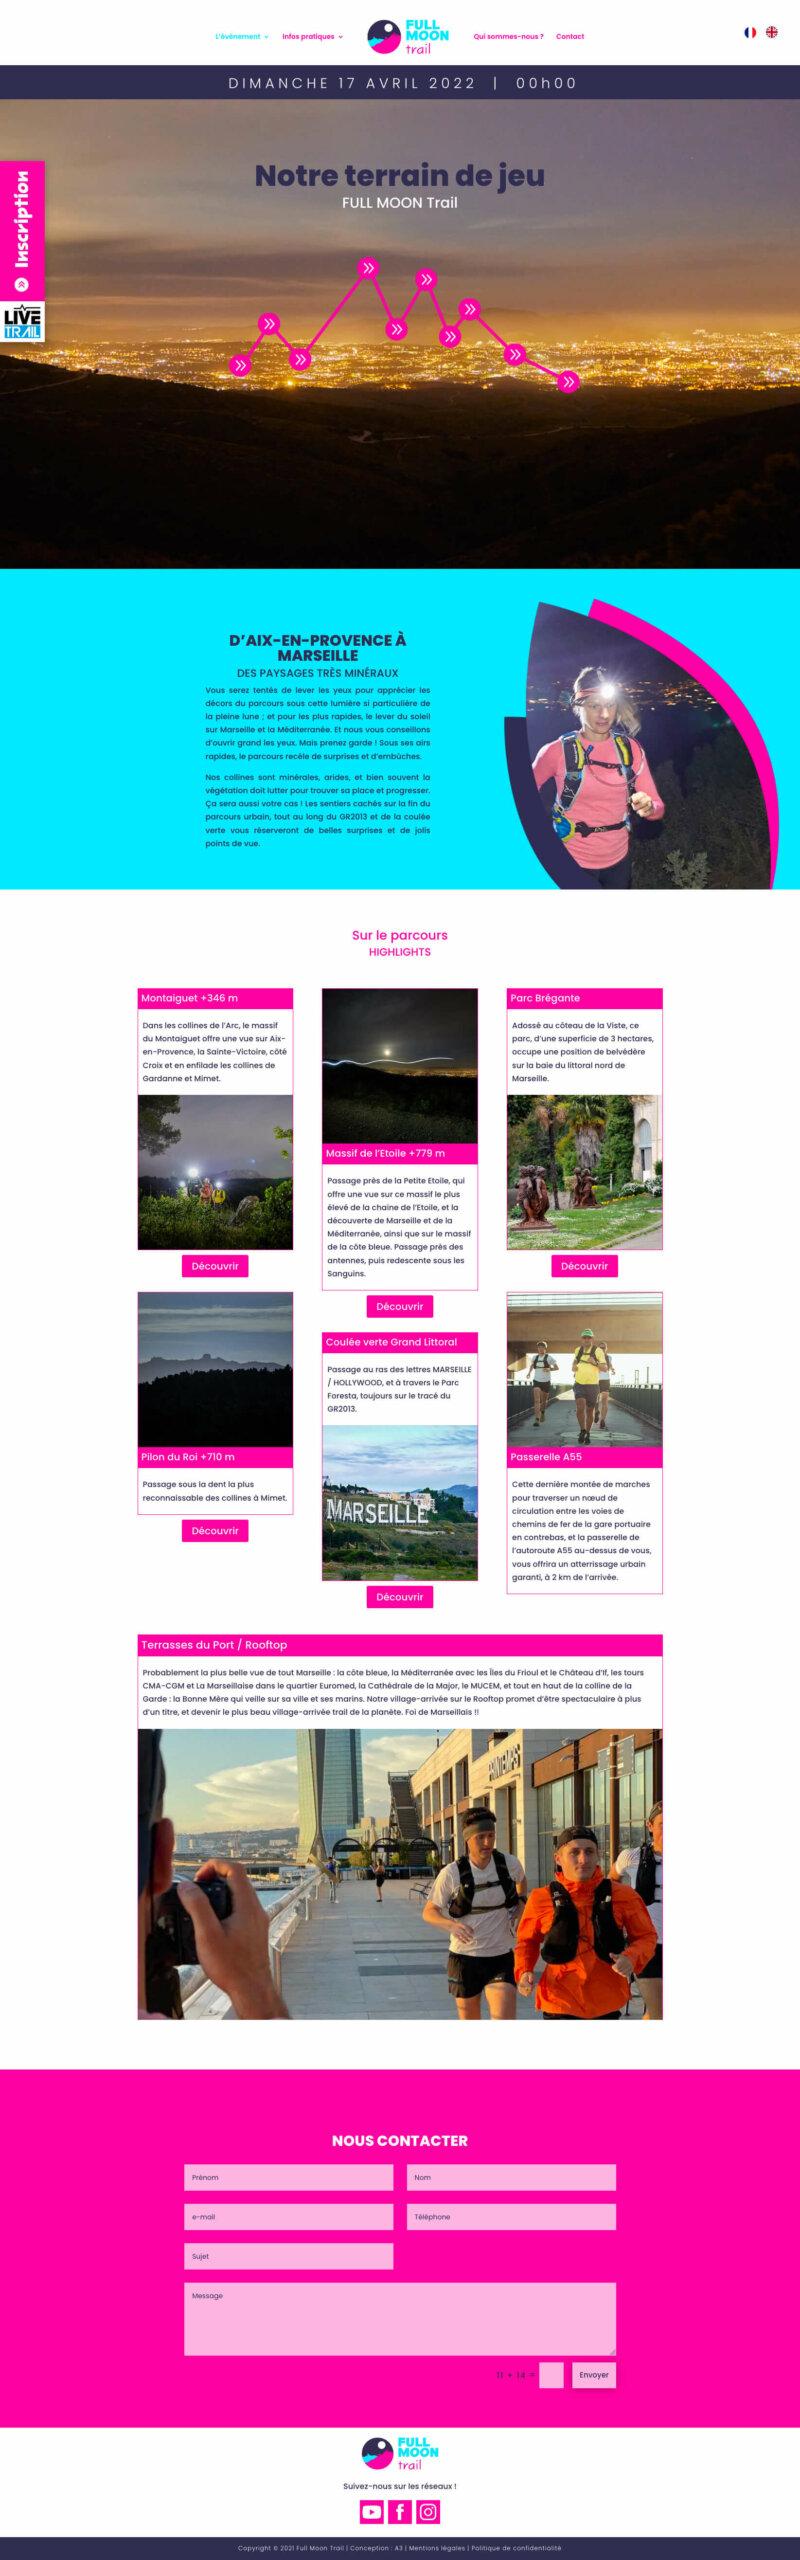 Webdesign FULL MOON Trail